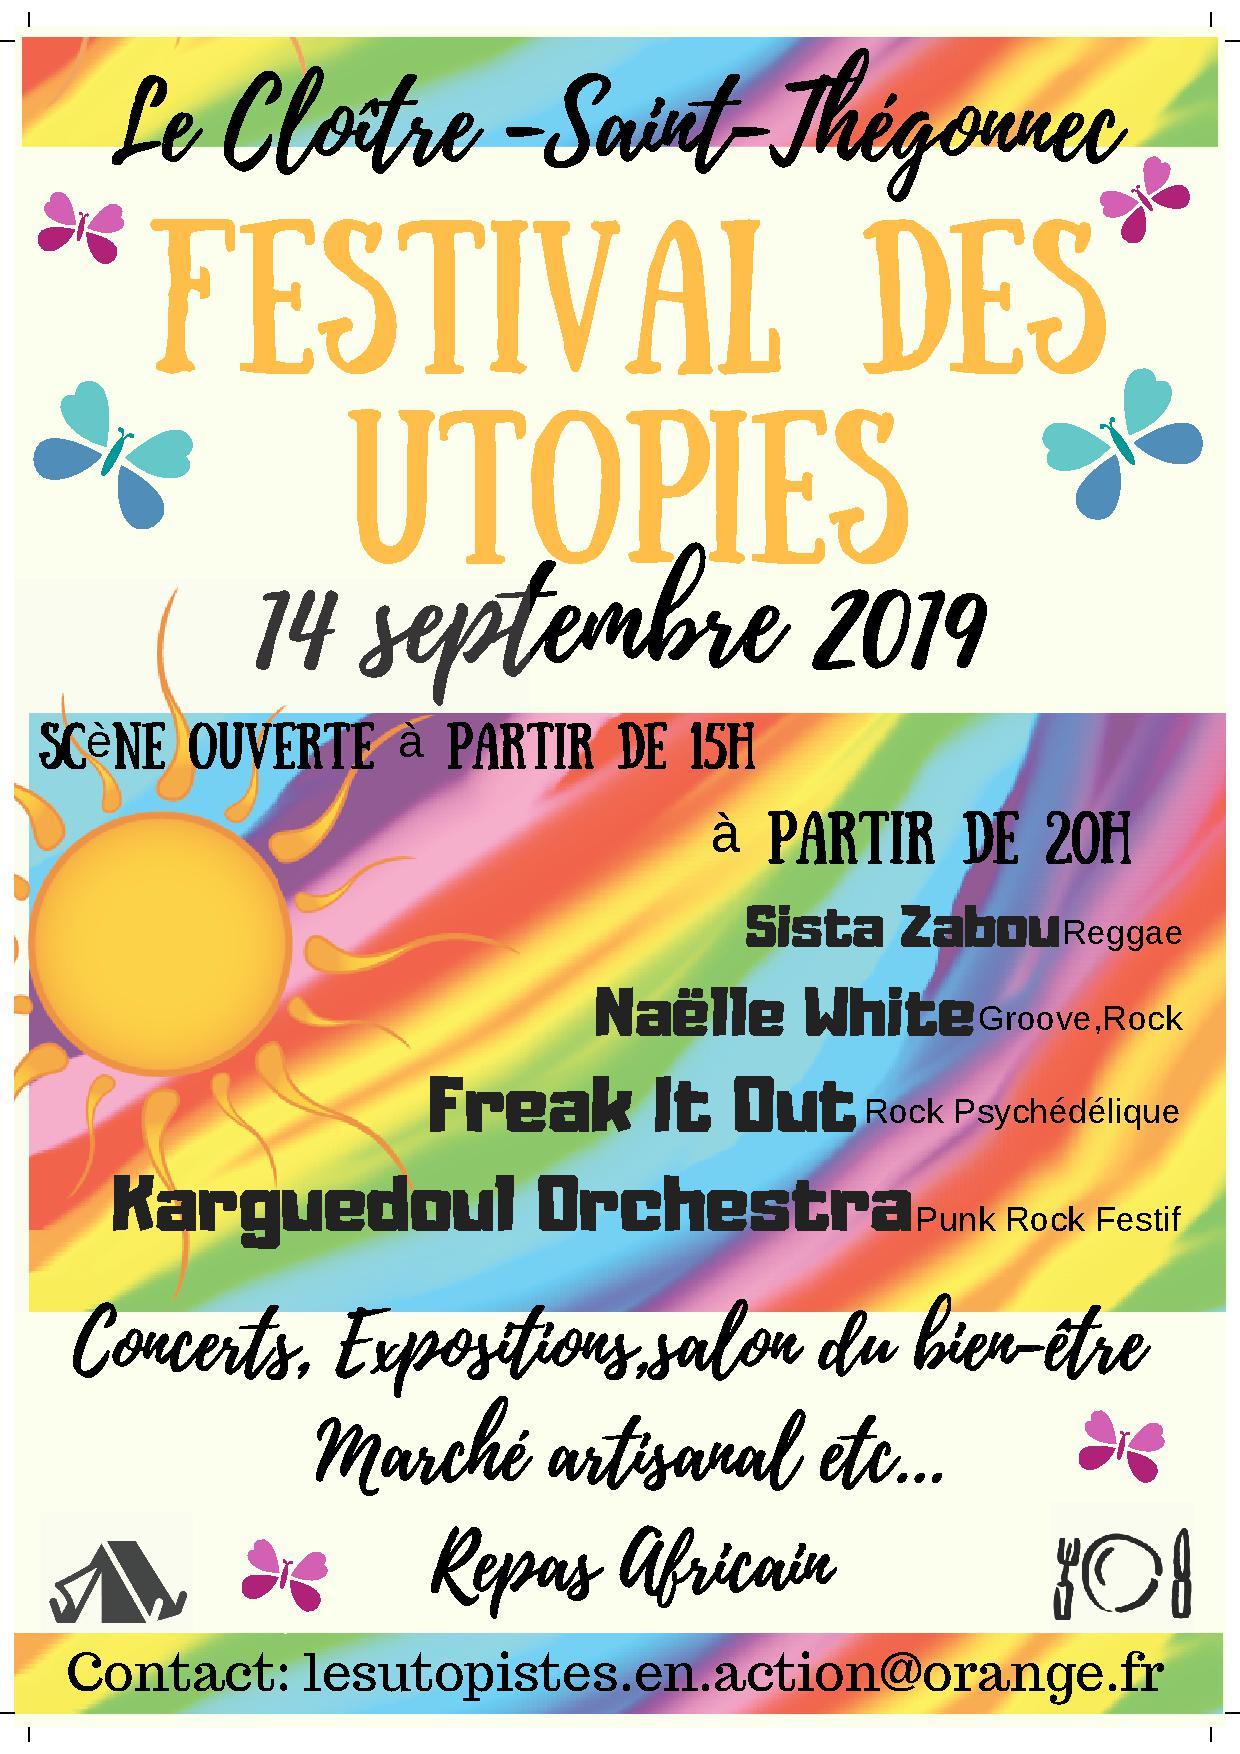 Festival des Utopies